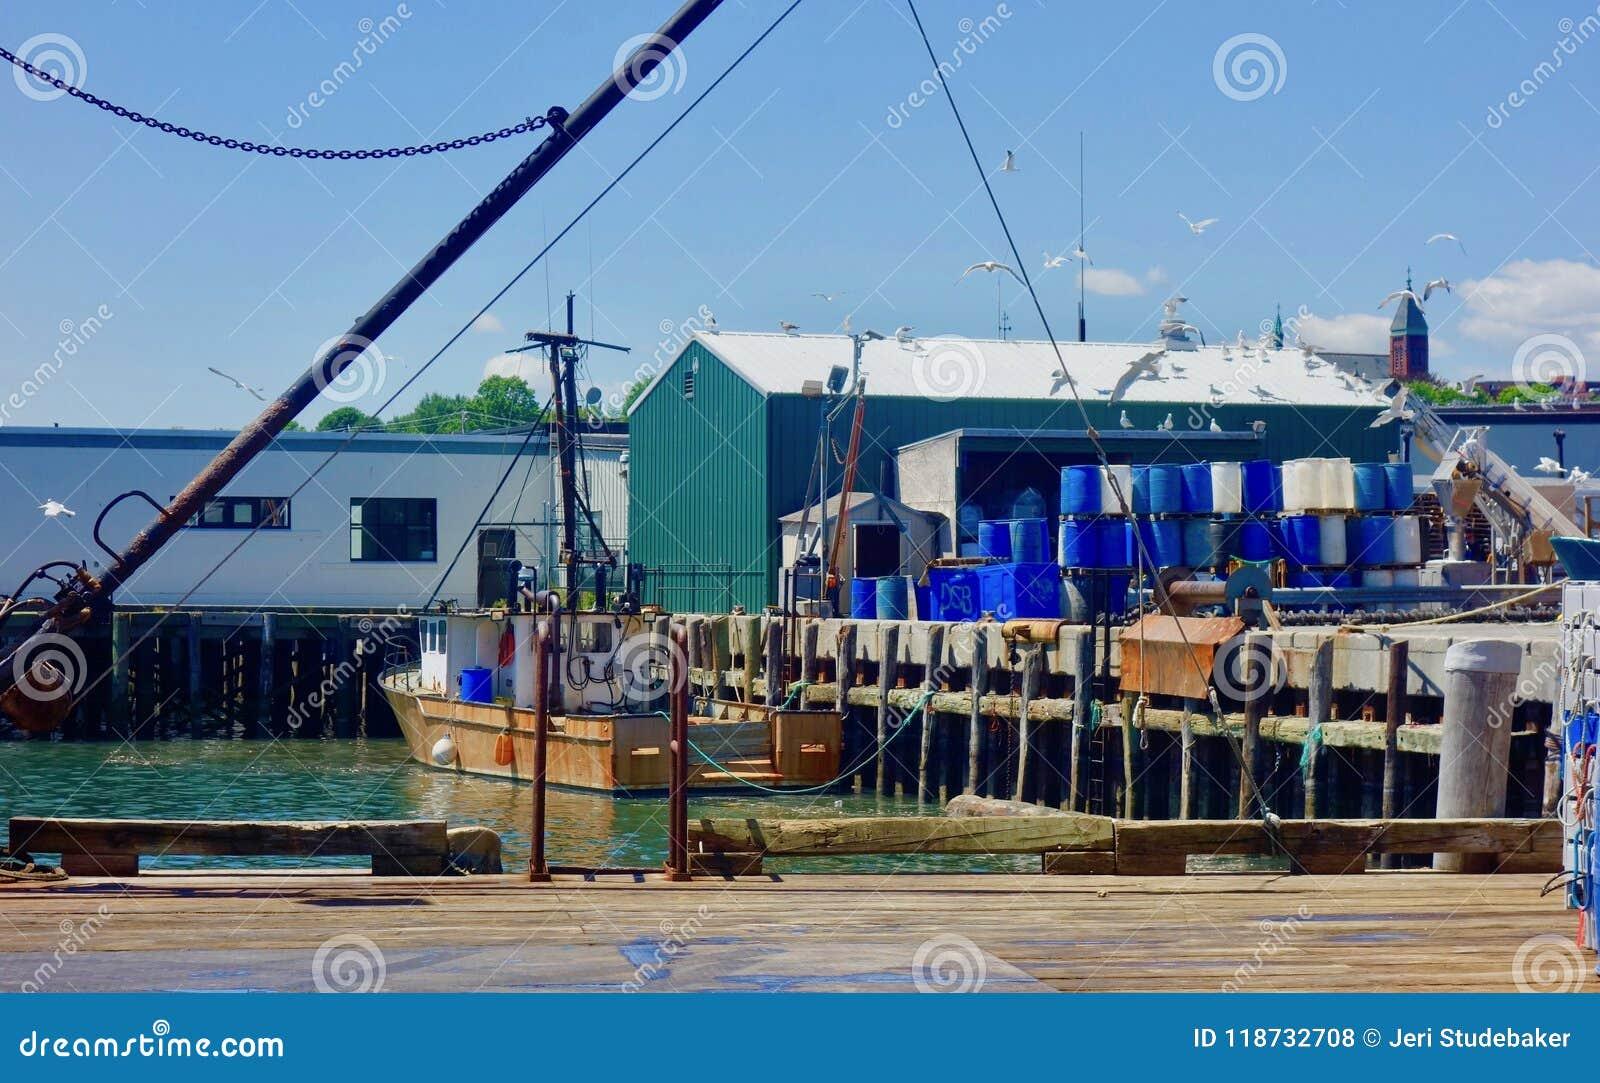 Причал пристани омара Мейна, состыкованная шлюпка, портовый район Портленда Мейна июня 2018 рыбной промышленности работая